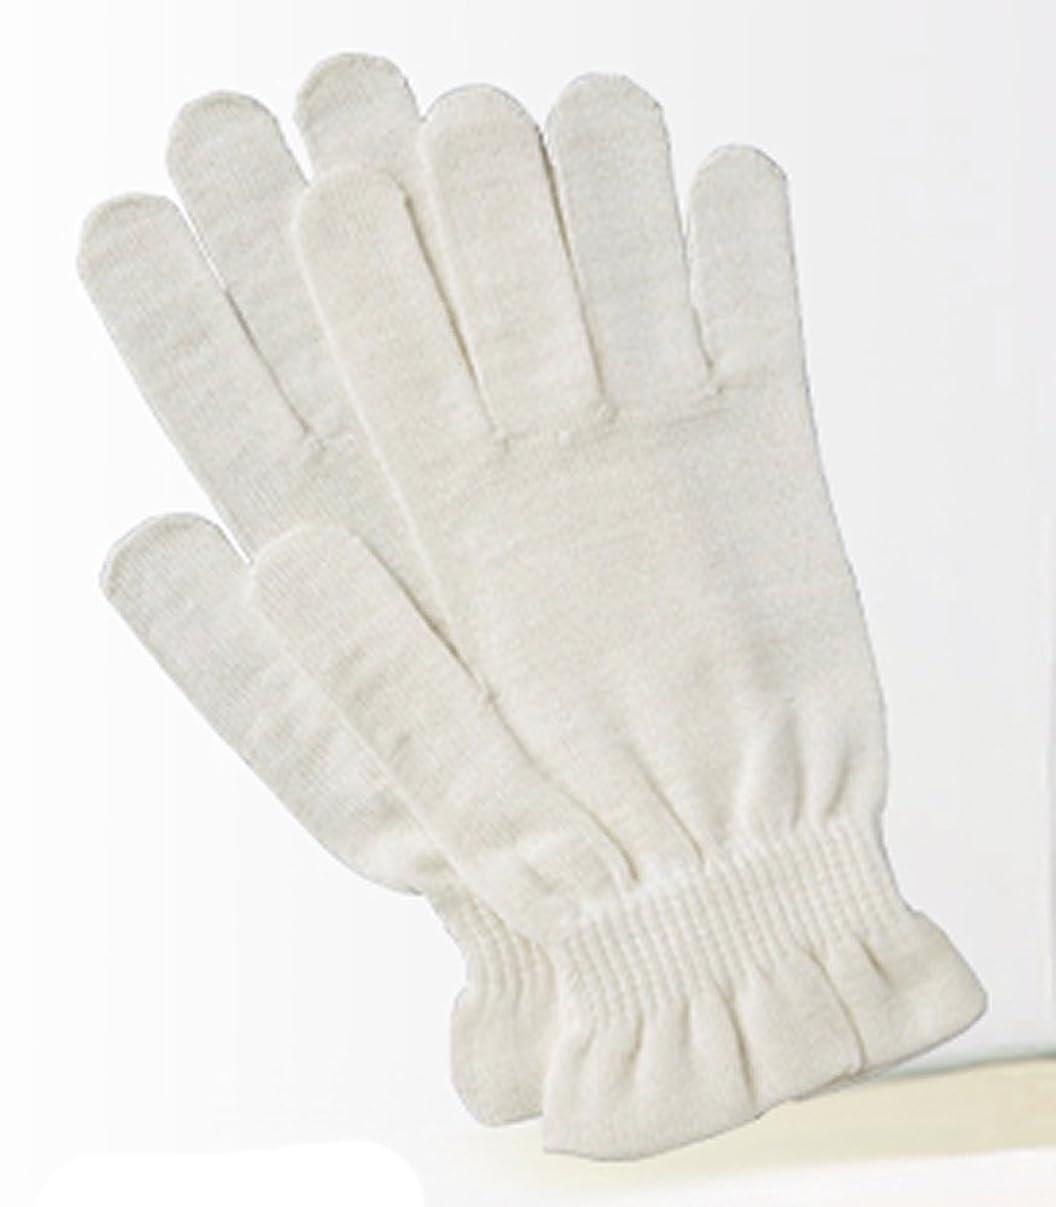 アカウント多様性浅い京都西陣の絹糸屋さんのシルク手袋